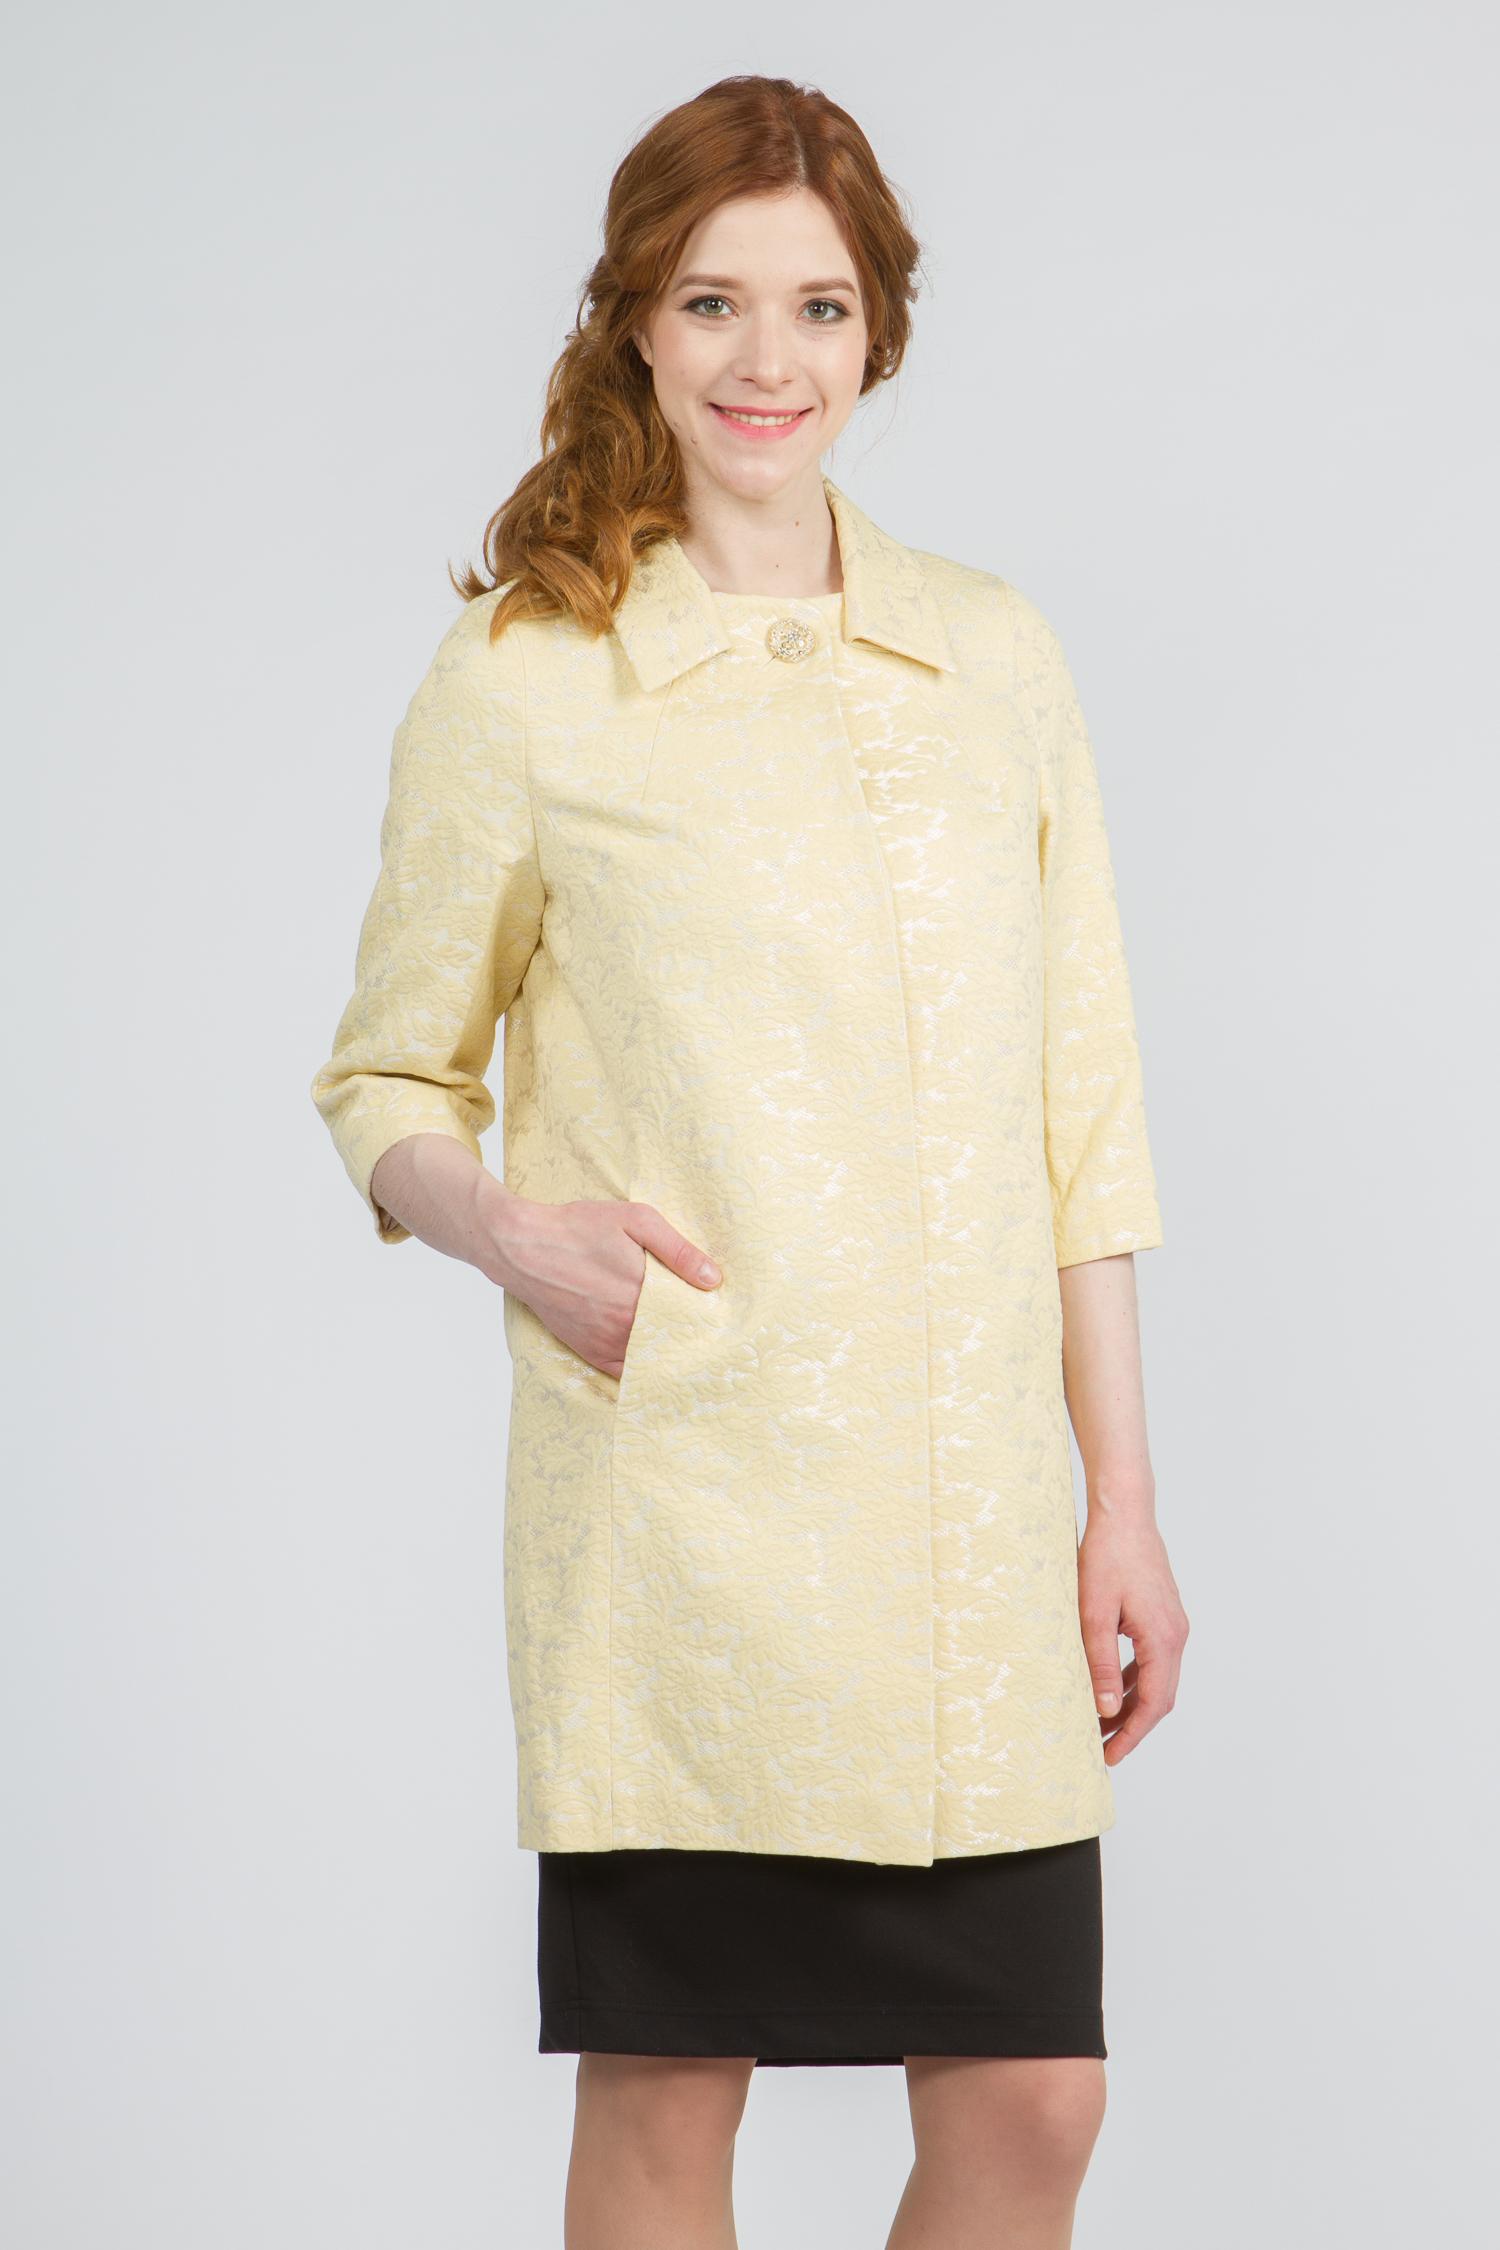 Облегченное женское пальто из текстиля с воротником, без отделки. Производитель: Московская Меховая Компания, артикул: 9074